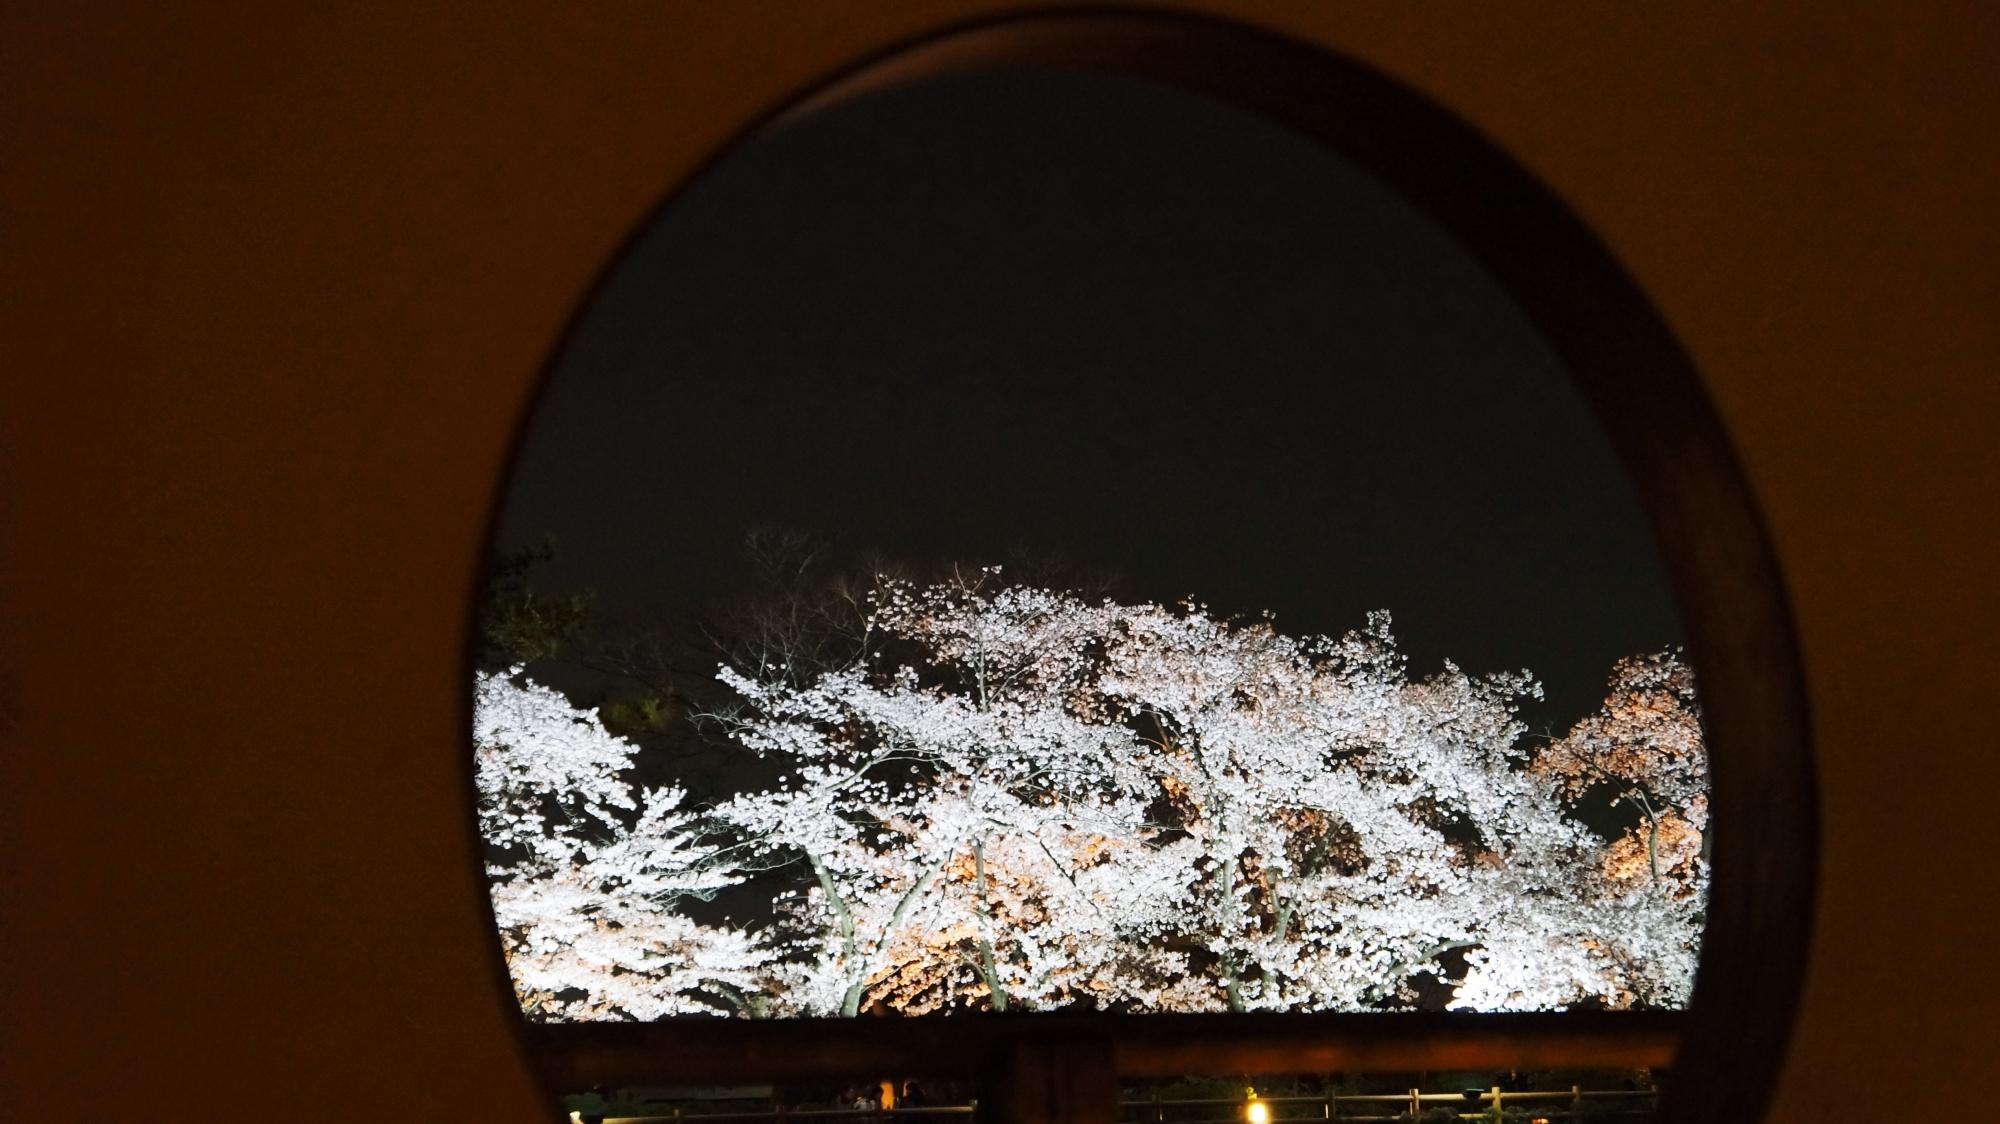 丸窓の中で咲き乱れる夜桜